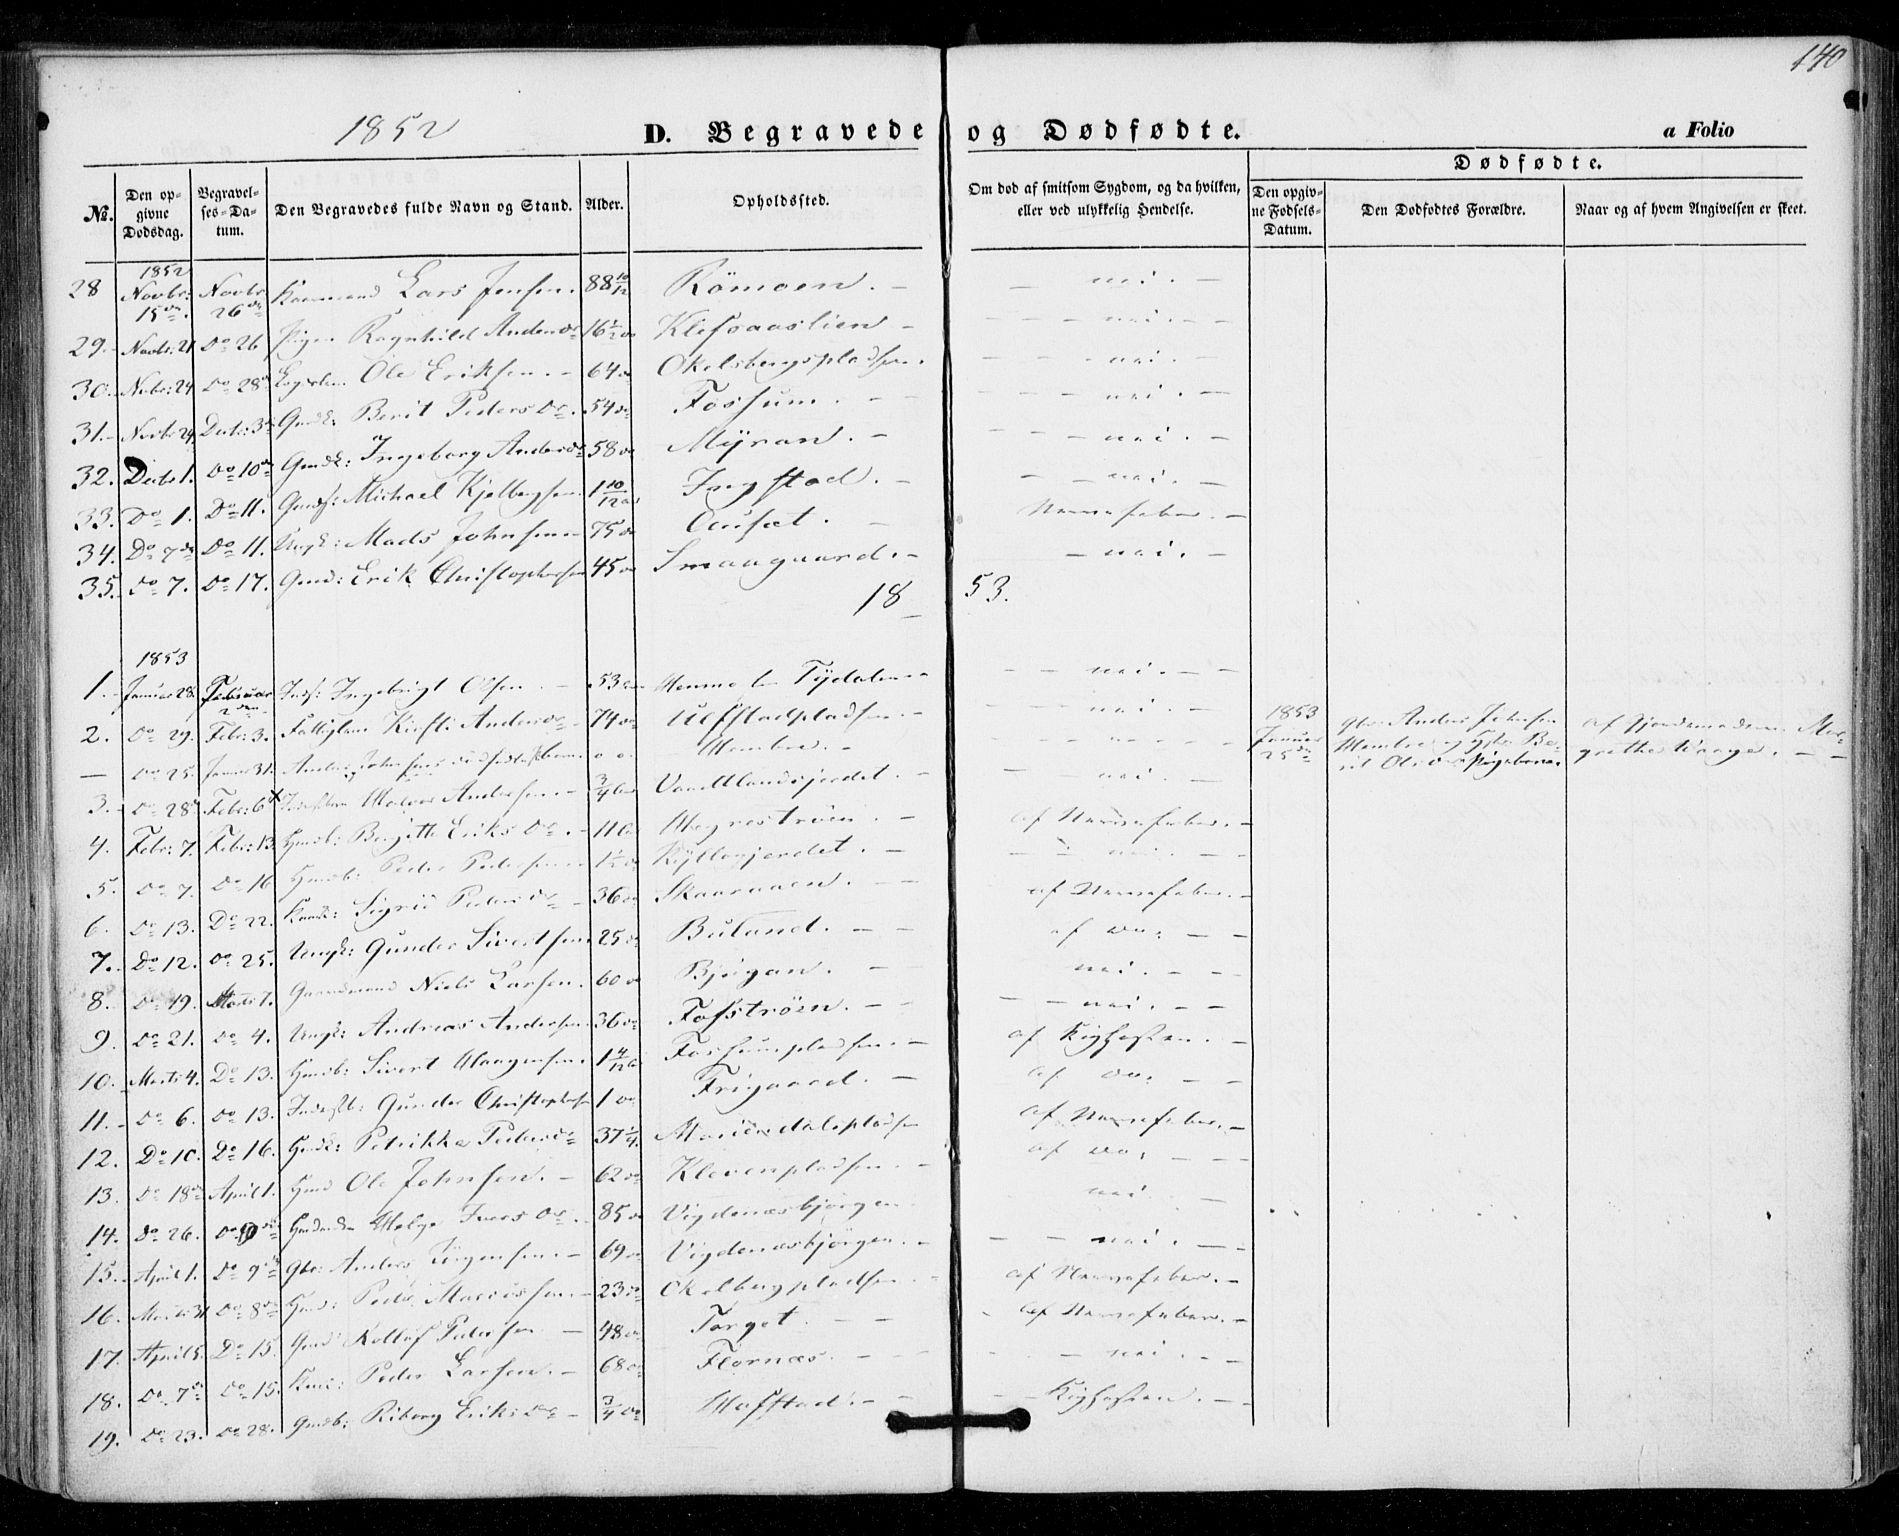 SAT, Ministerialprotokoller, klokkerbøker og fødselsregistre - Nord-Trøndelag, 703/L0028: Ministerialbok nr. 703A01, 1850-1862, s. 140